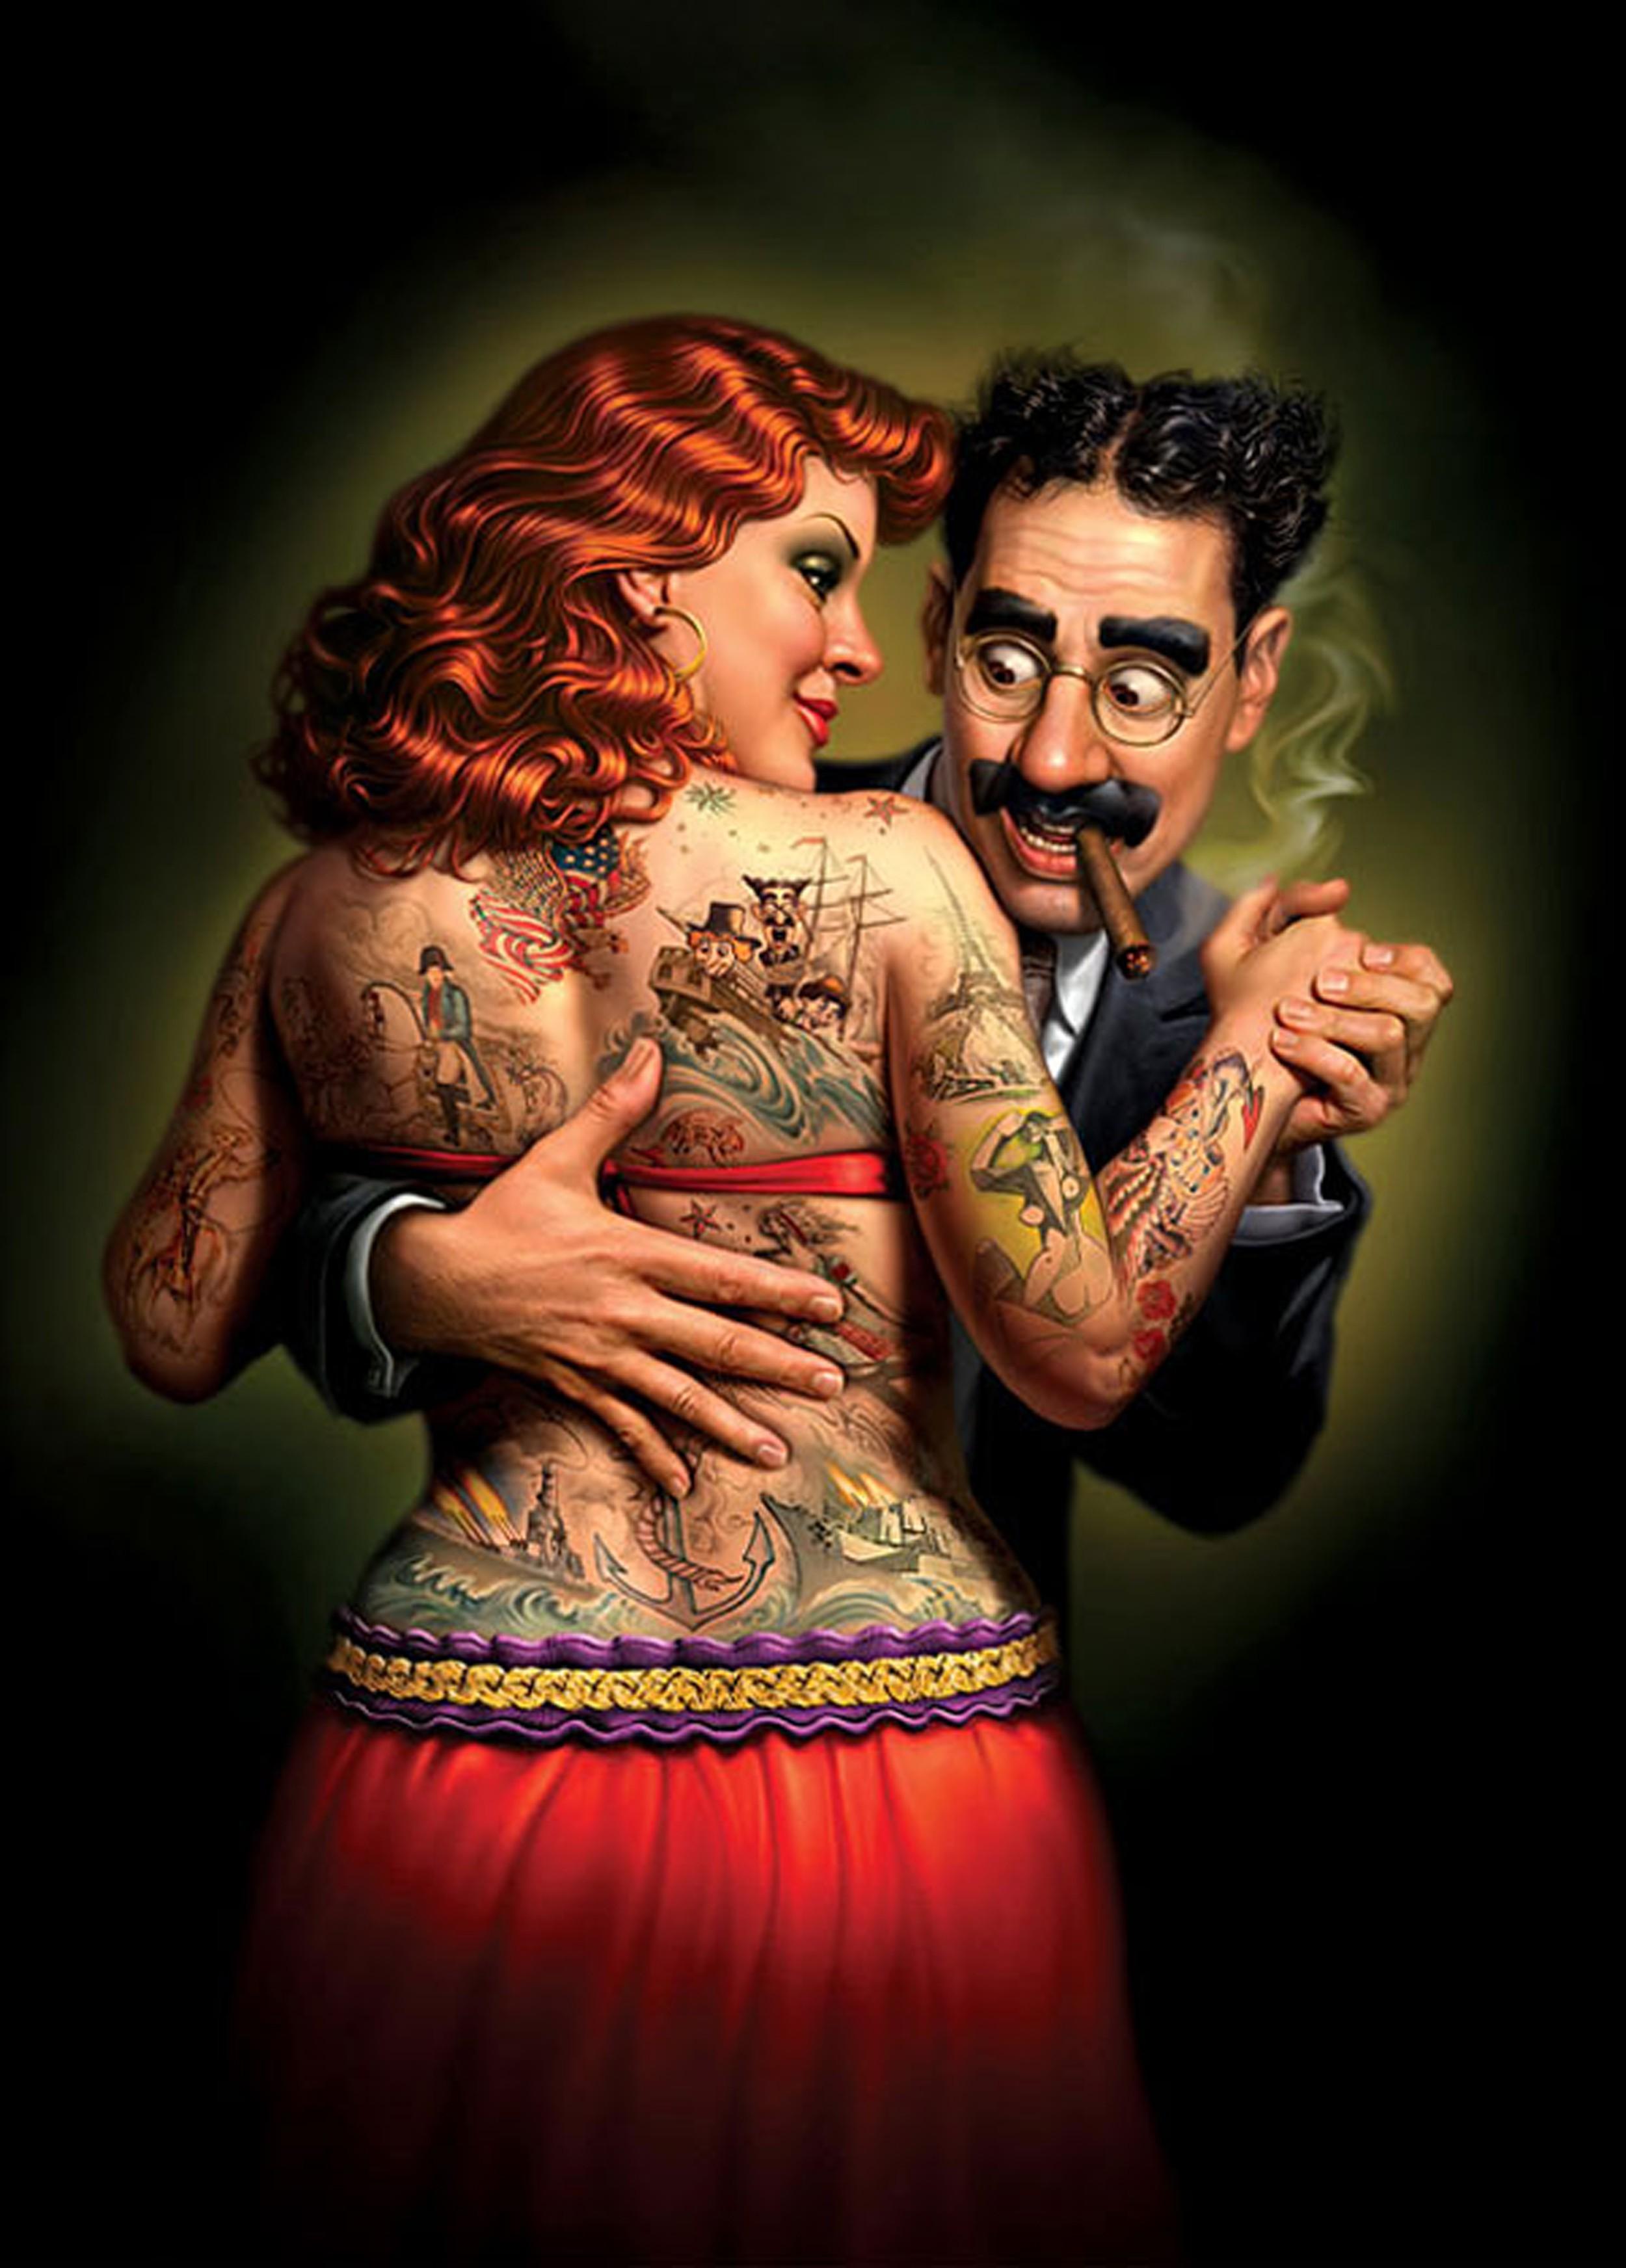 Смешные, татуировка картинки прикольные